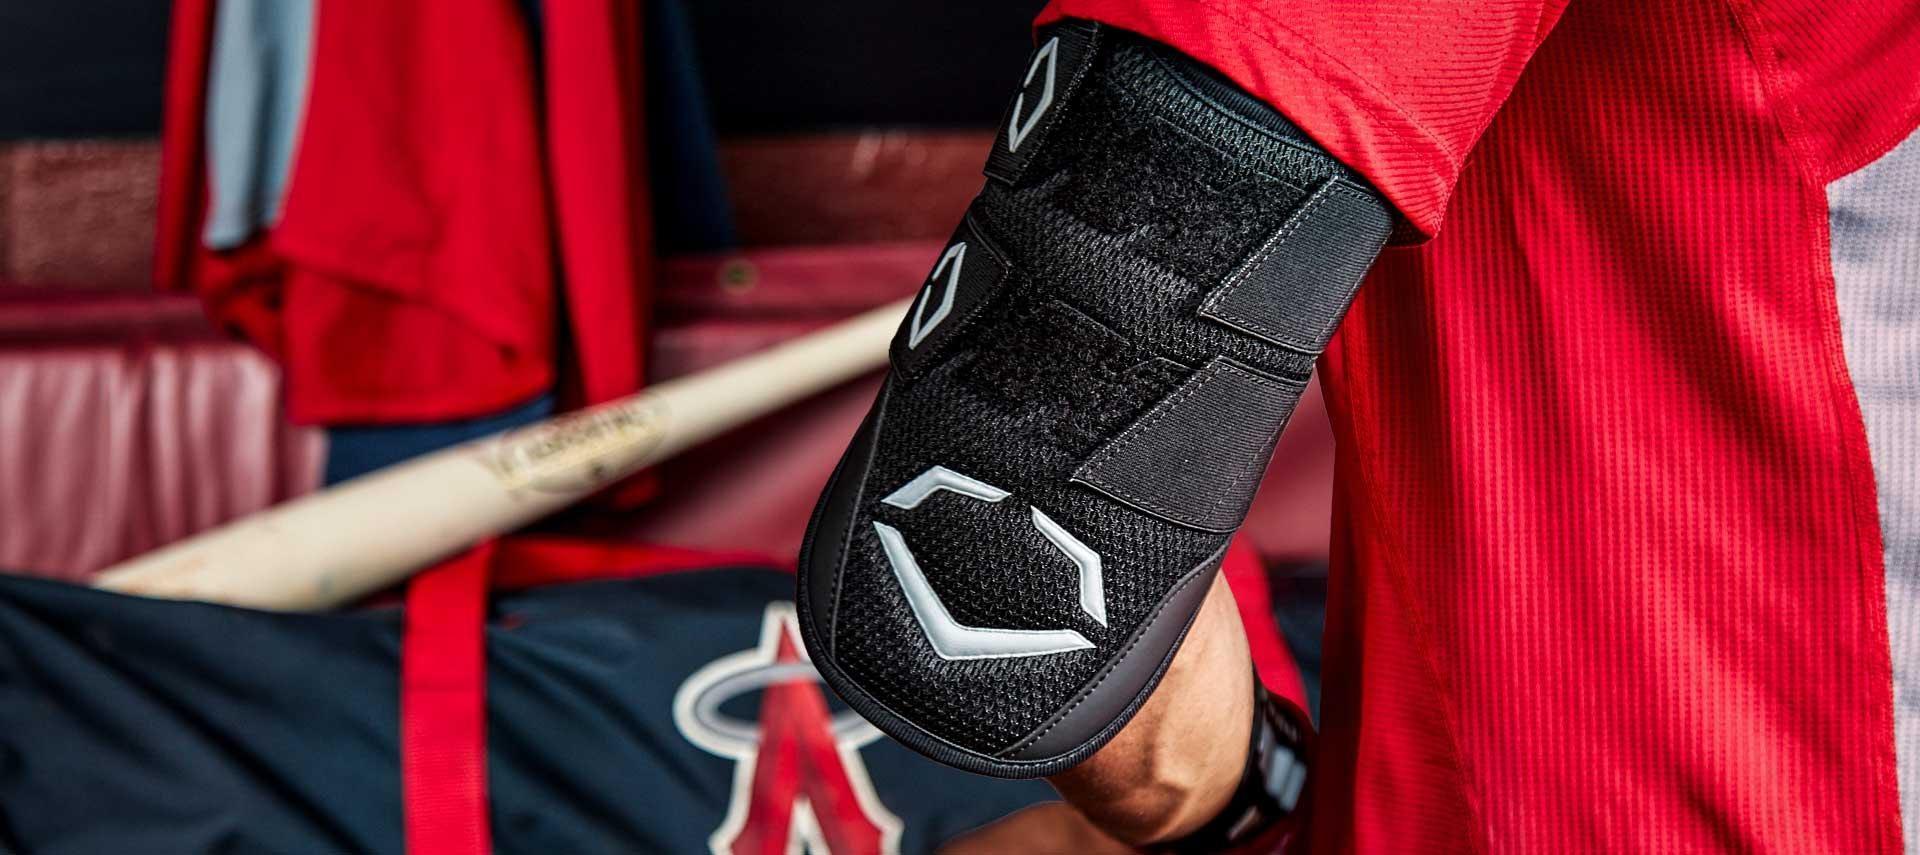 Pro-SRZ™ Double Strap Elbow Guard